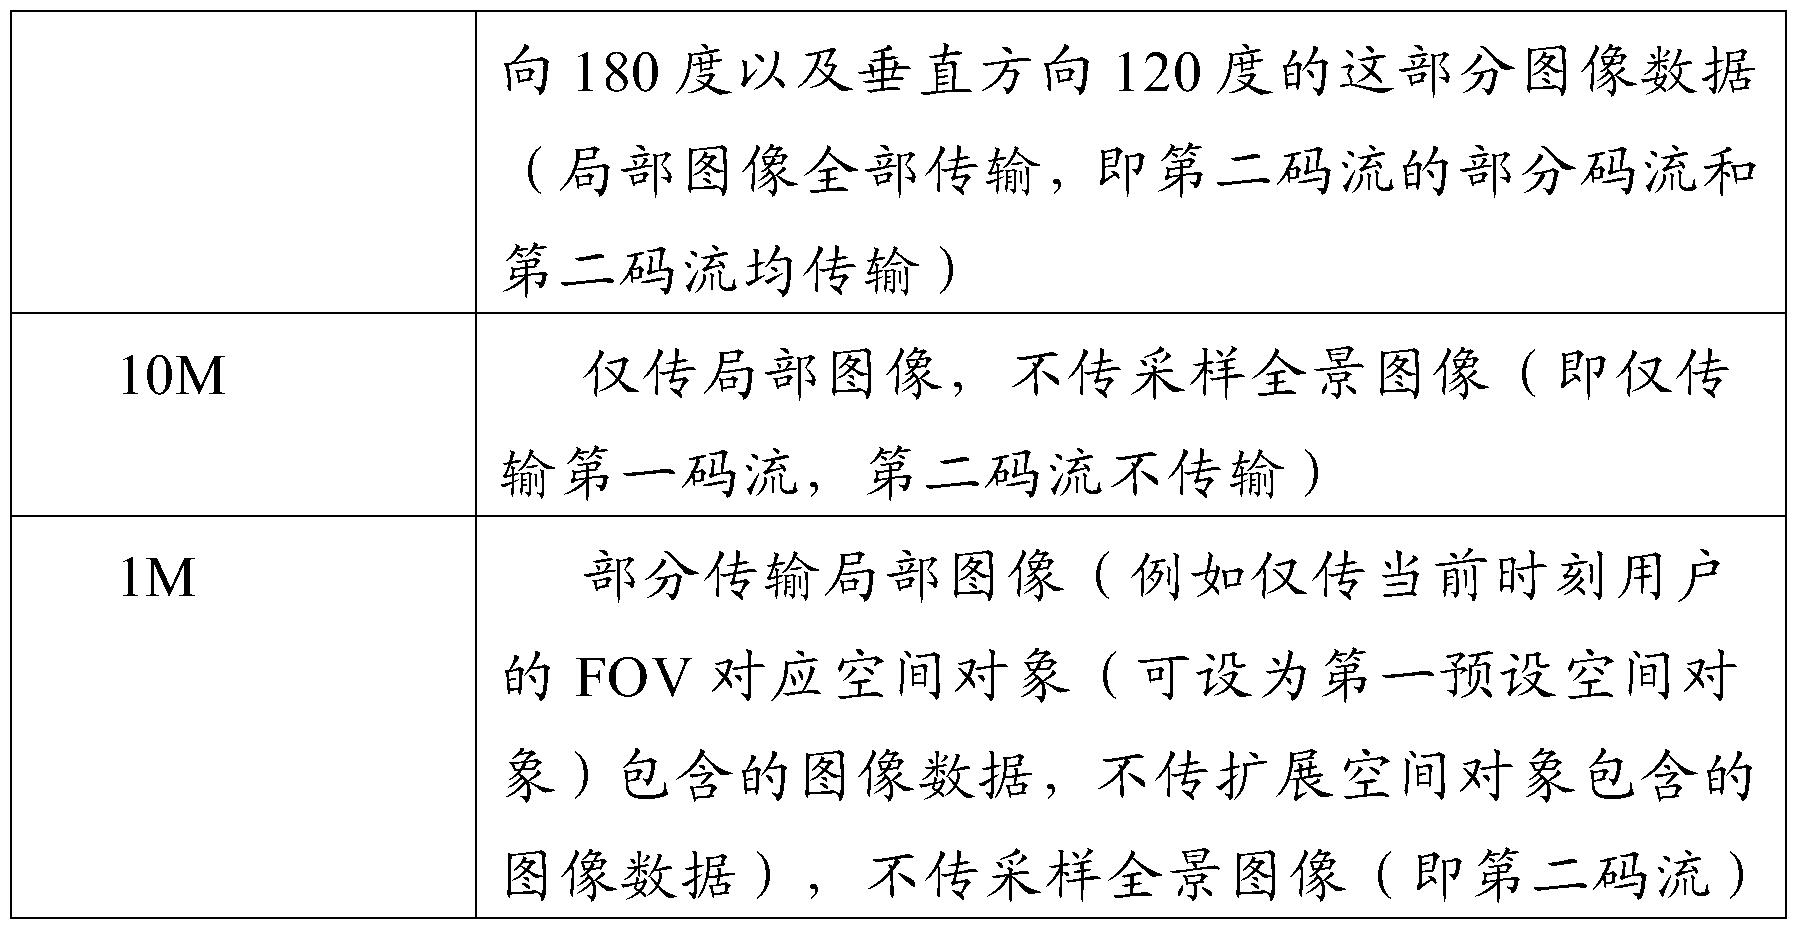 Figure PCTCN2016101823-appb-000003